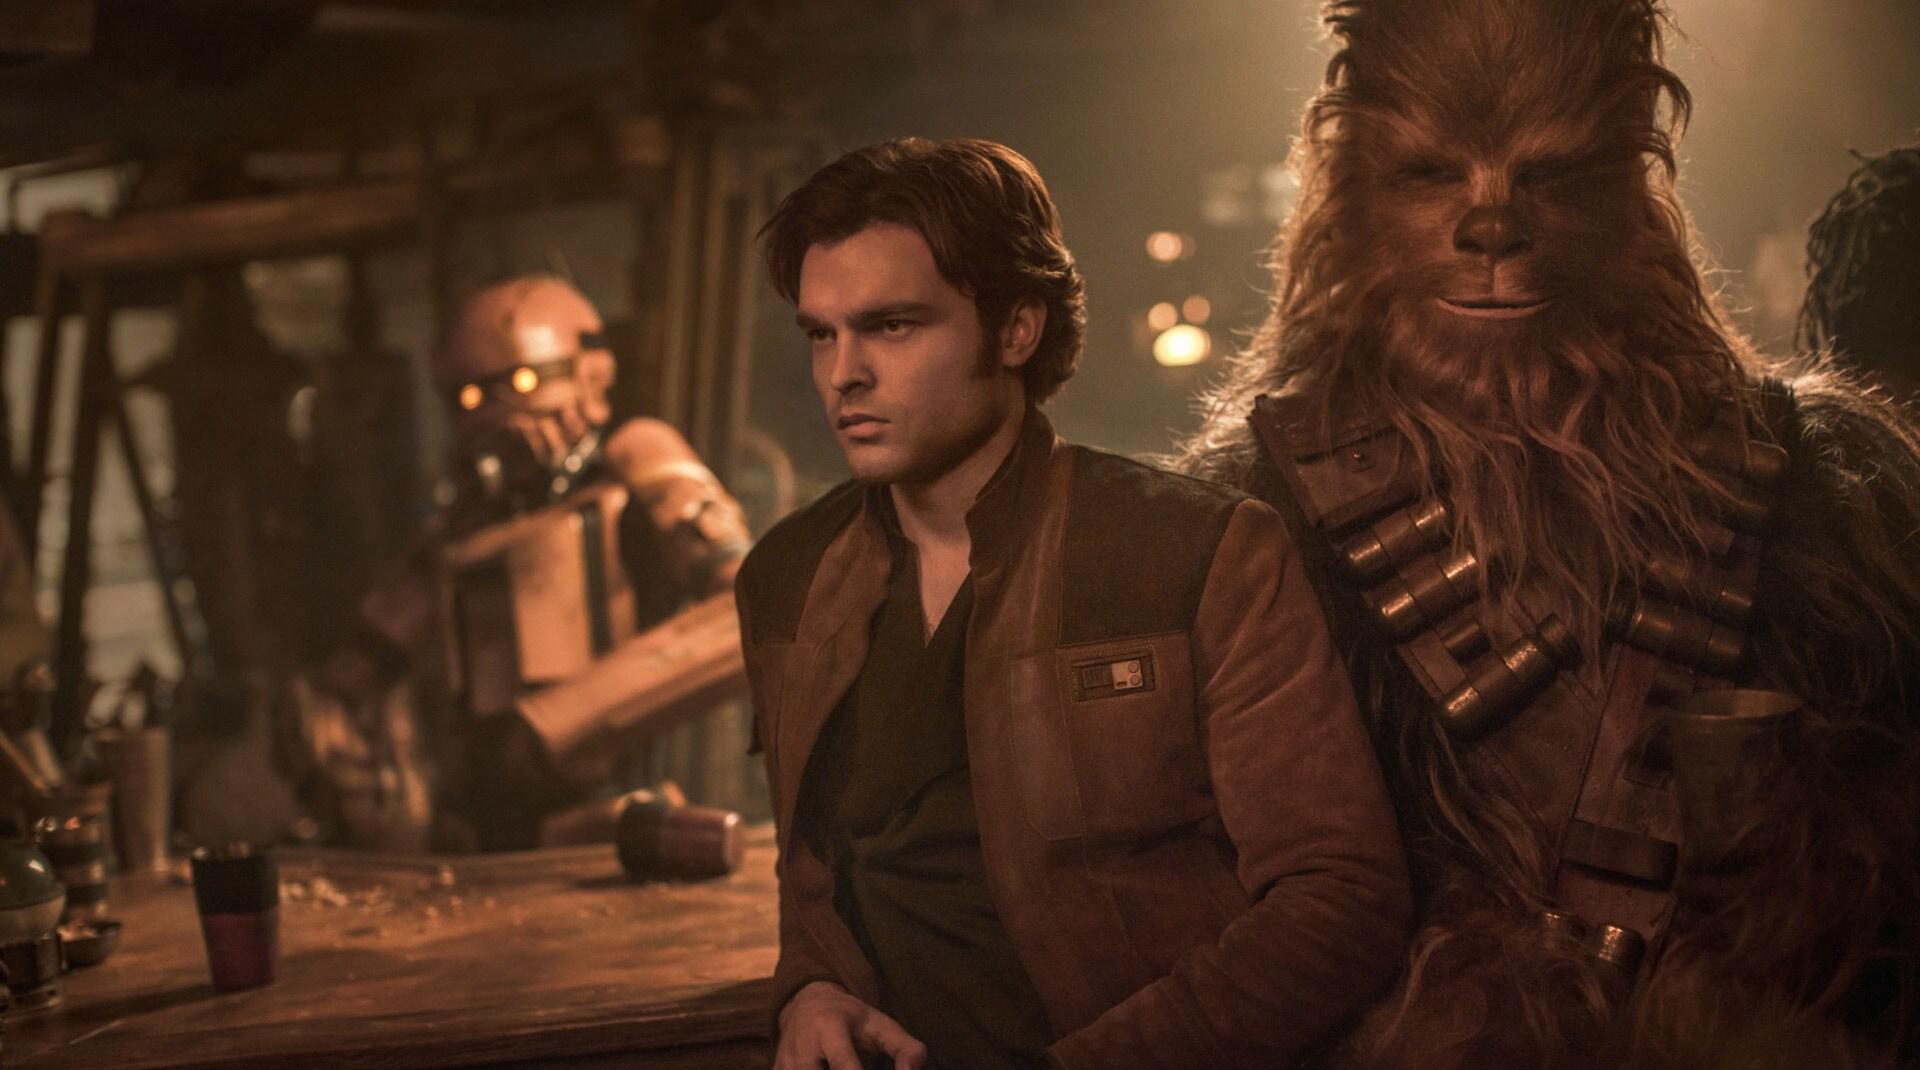 Une image de Solo : A Star Wars Story